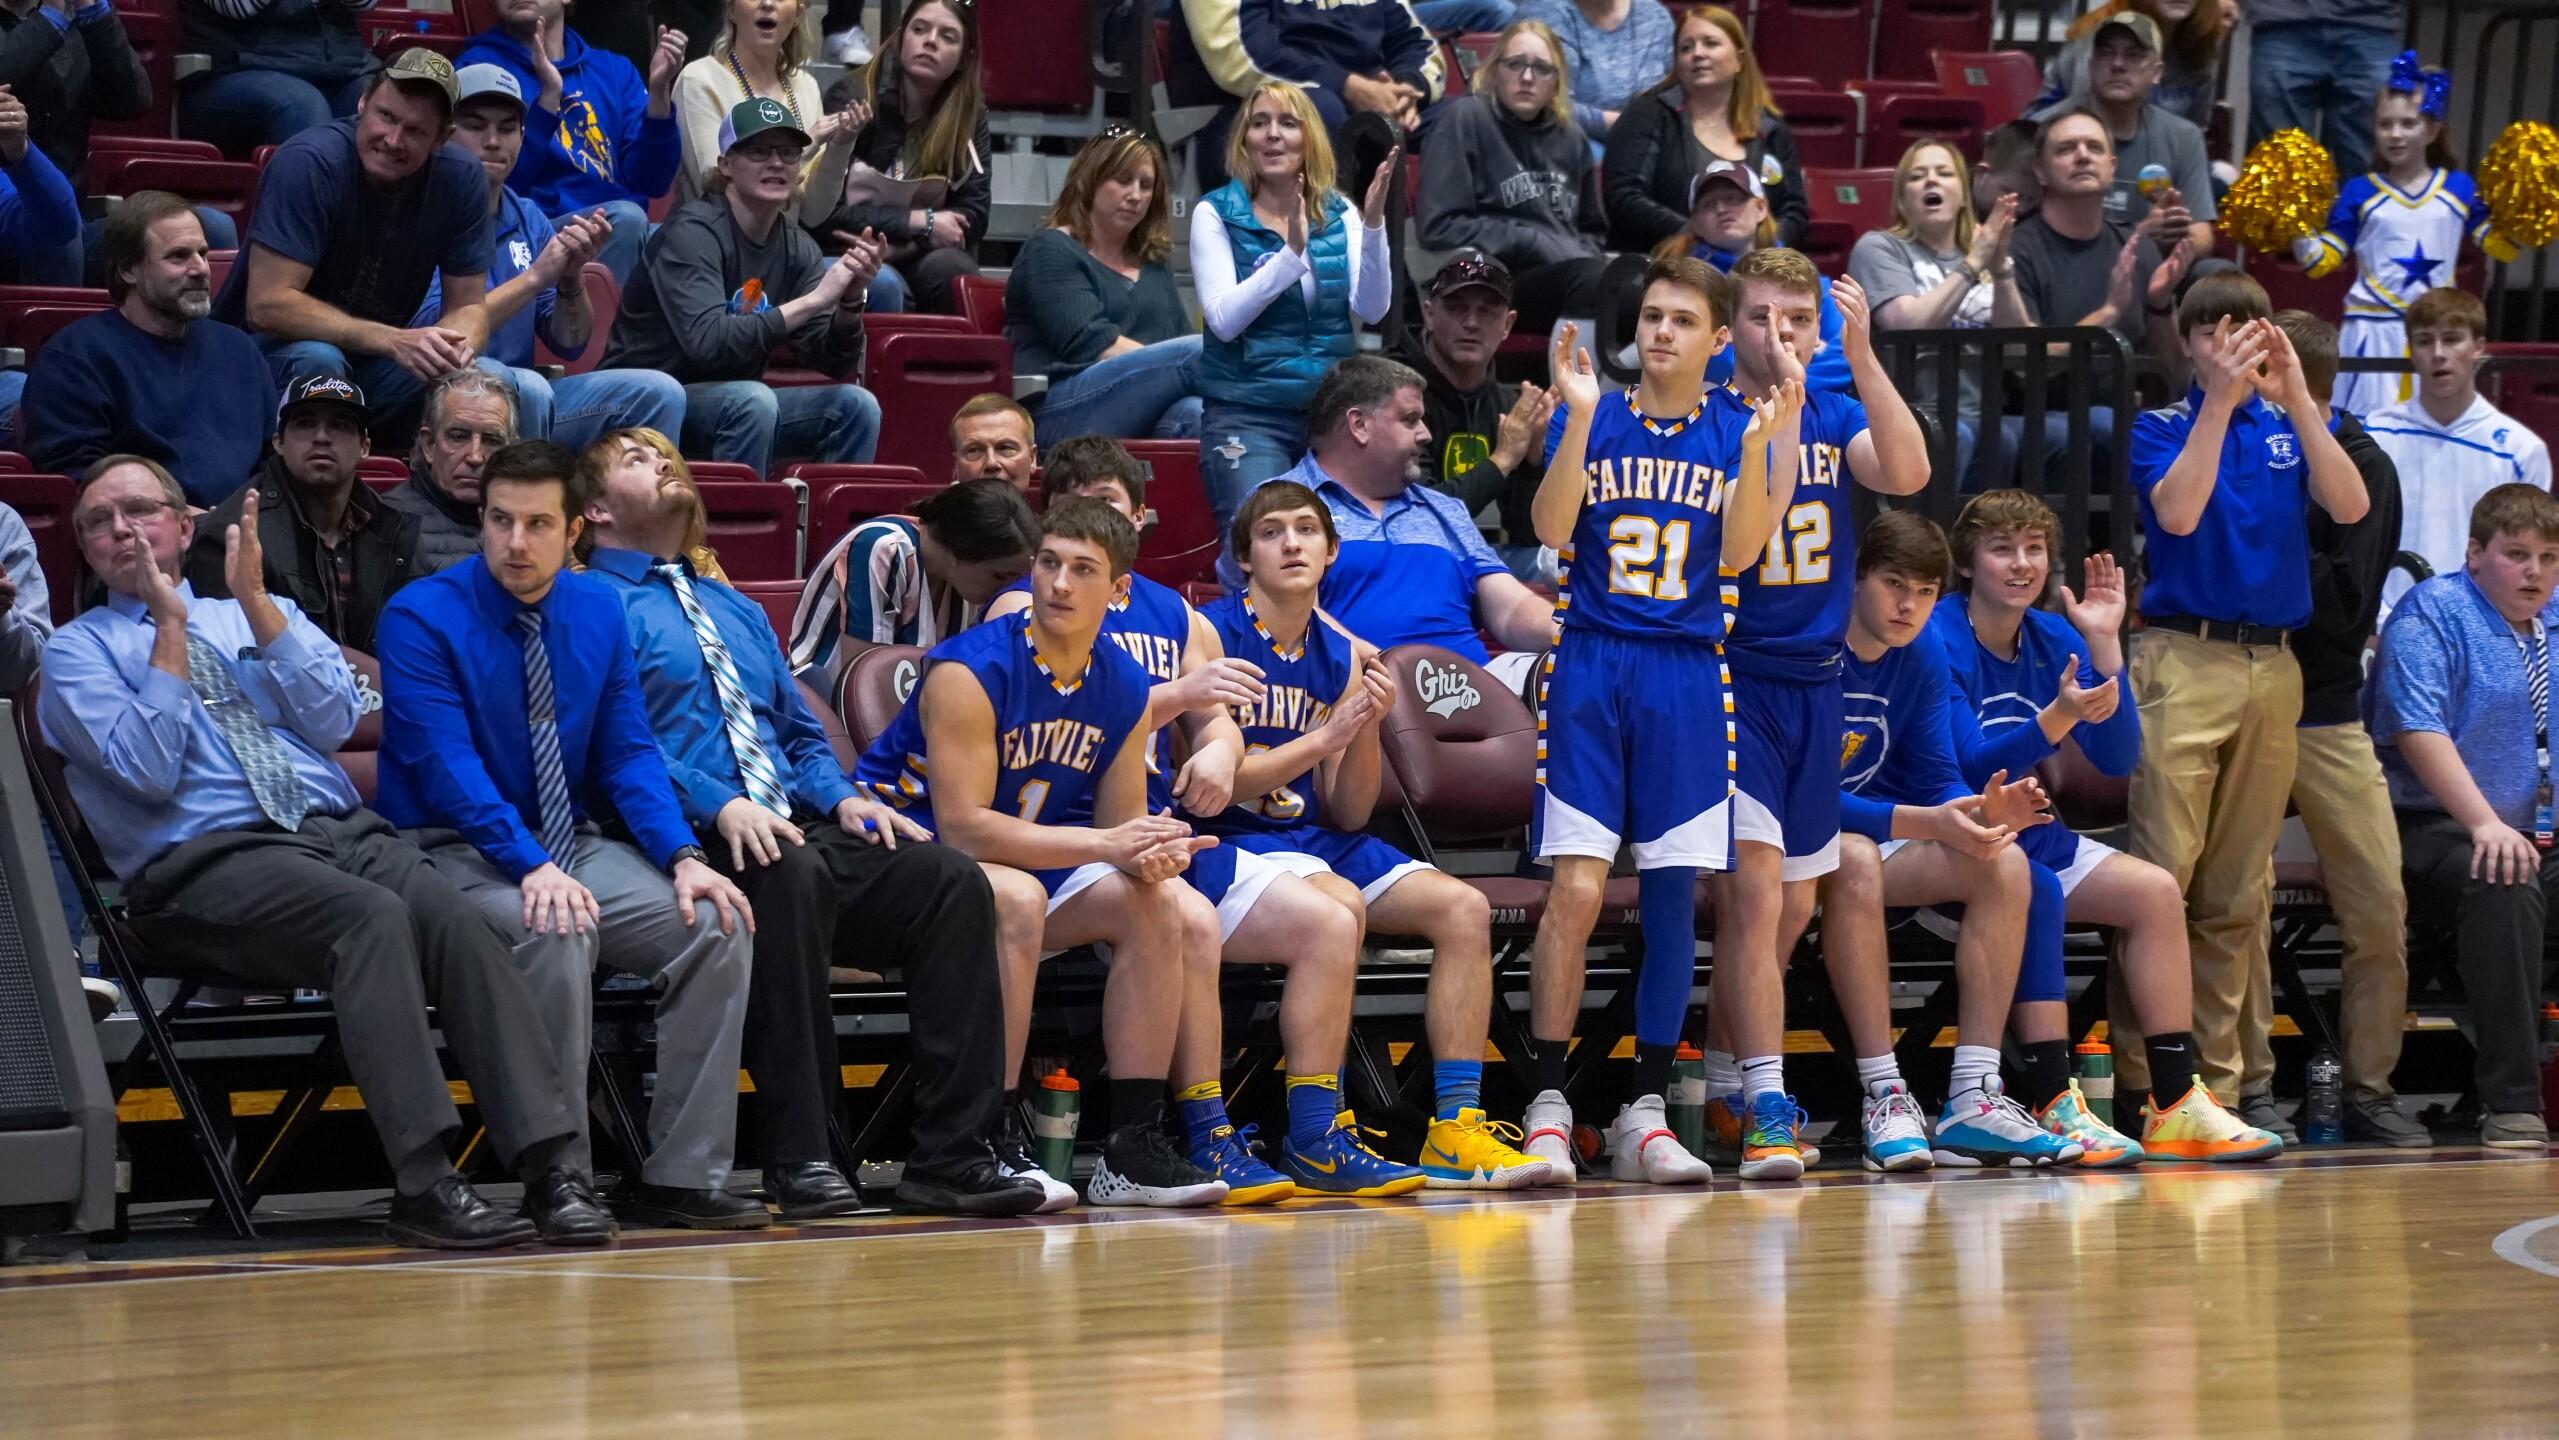 Fairview boys basketball